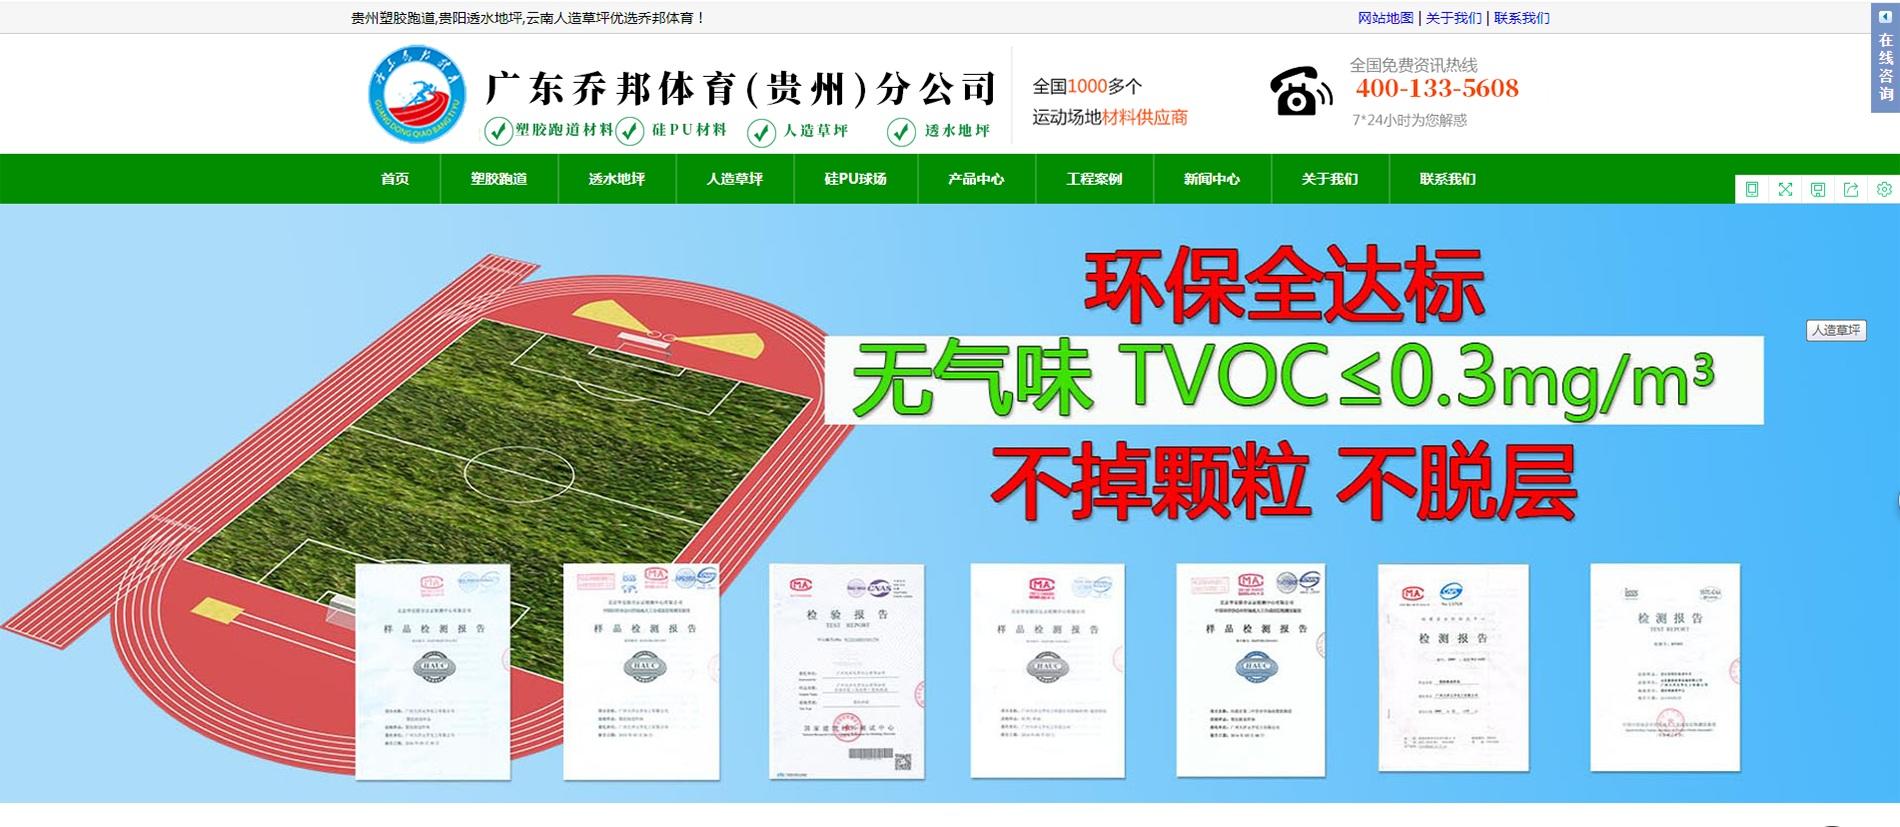 塑胶跑道行业的网站要怎么做?塑胶跑道网站建设案例